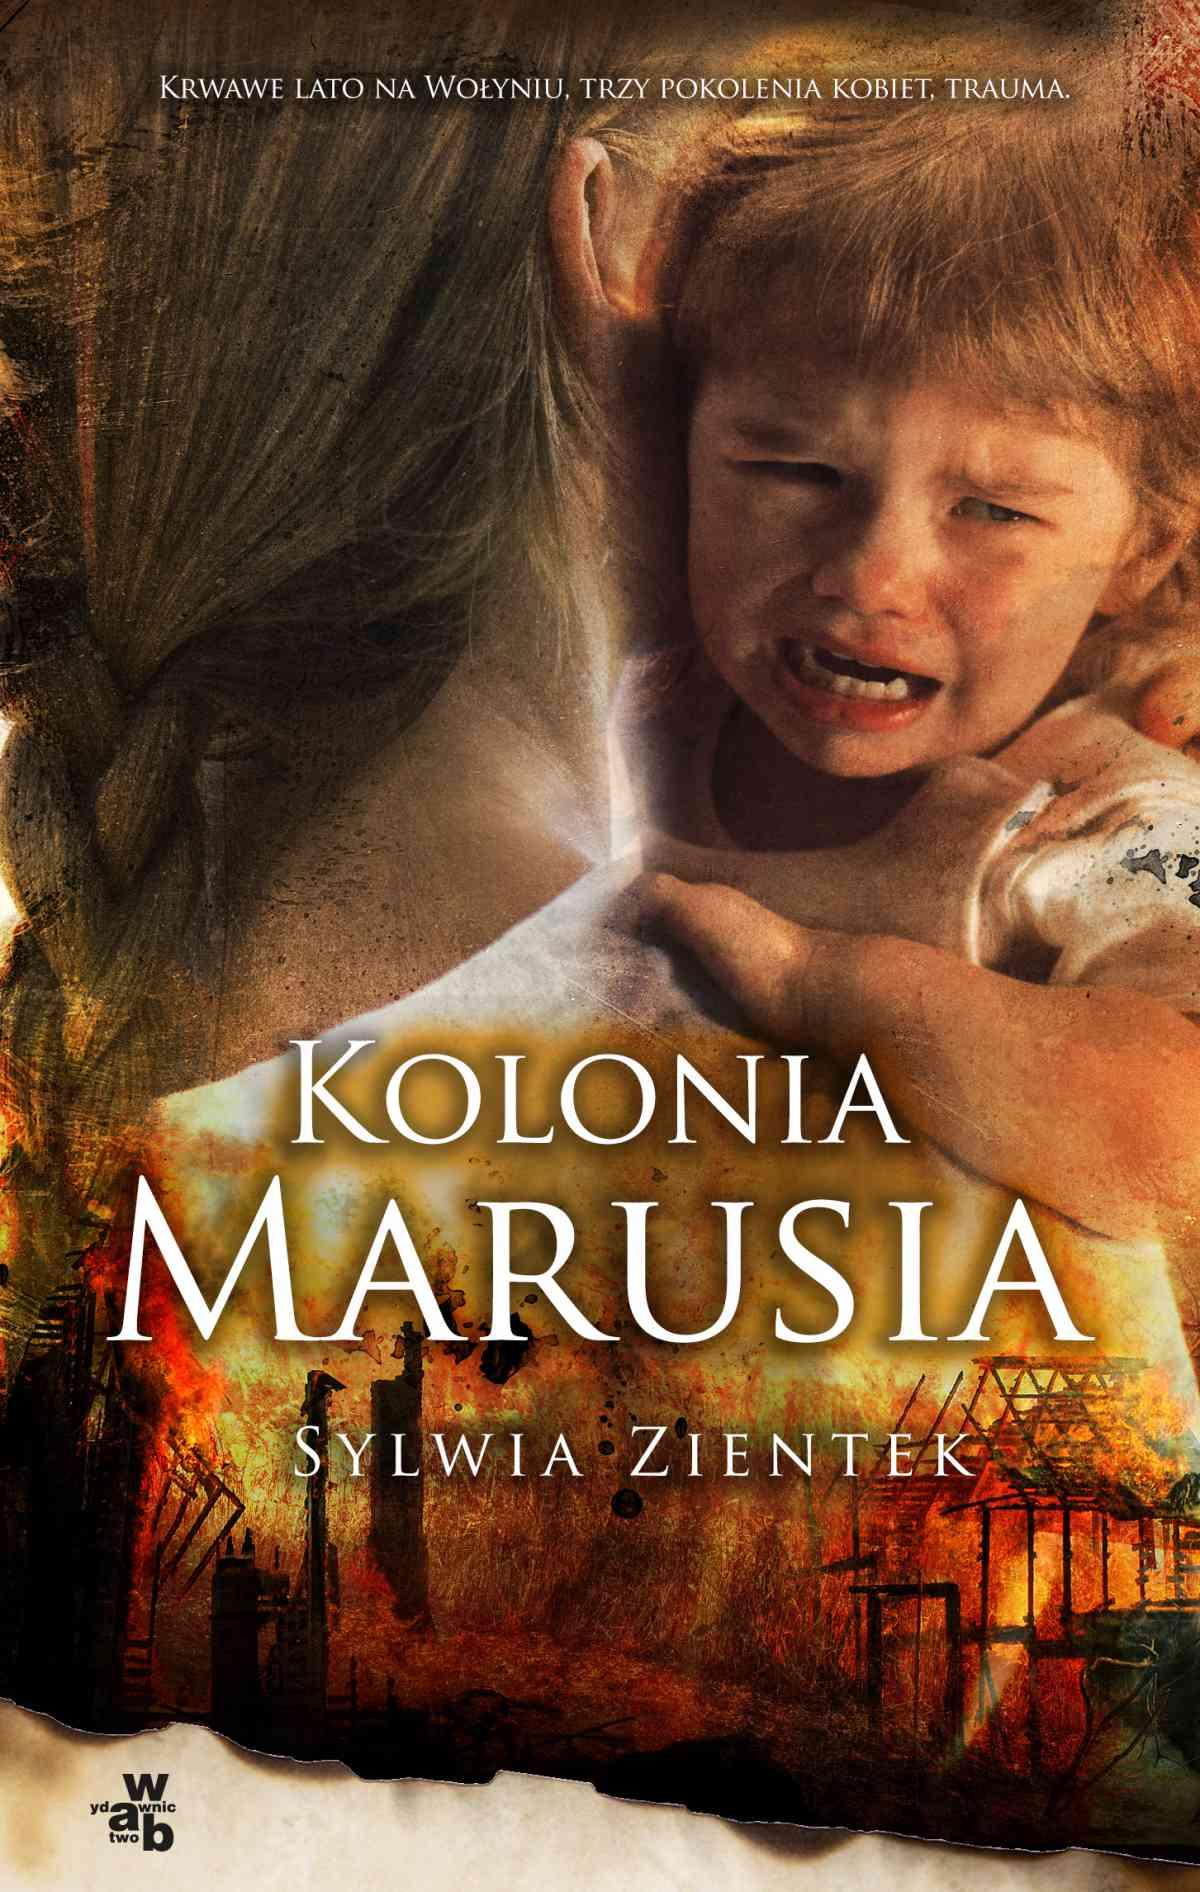 Kolonia Marusia - Ebook (Książka na Kindle) do pobrania w formacie MOBI